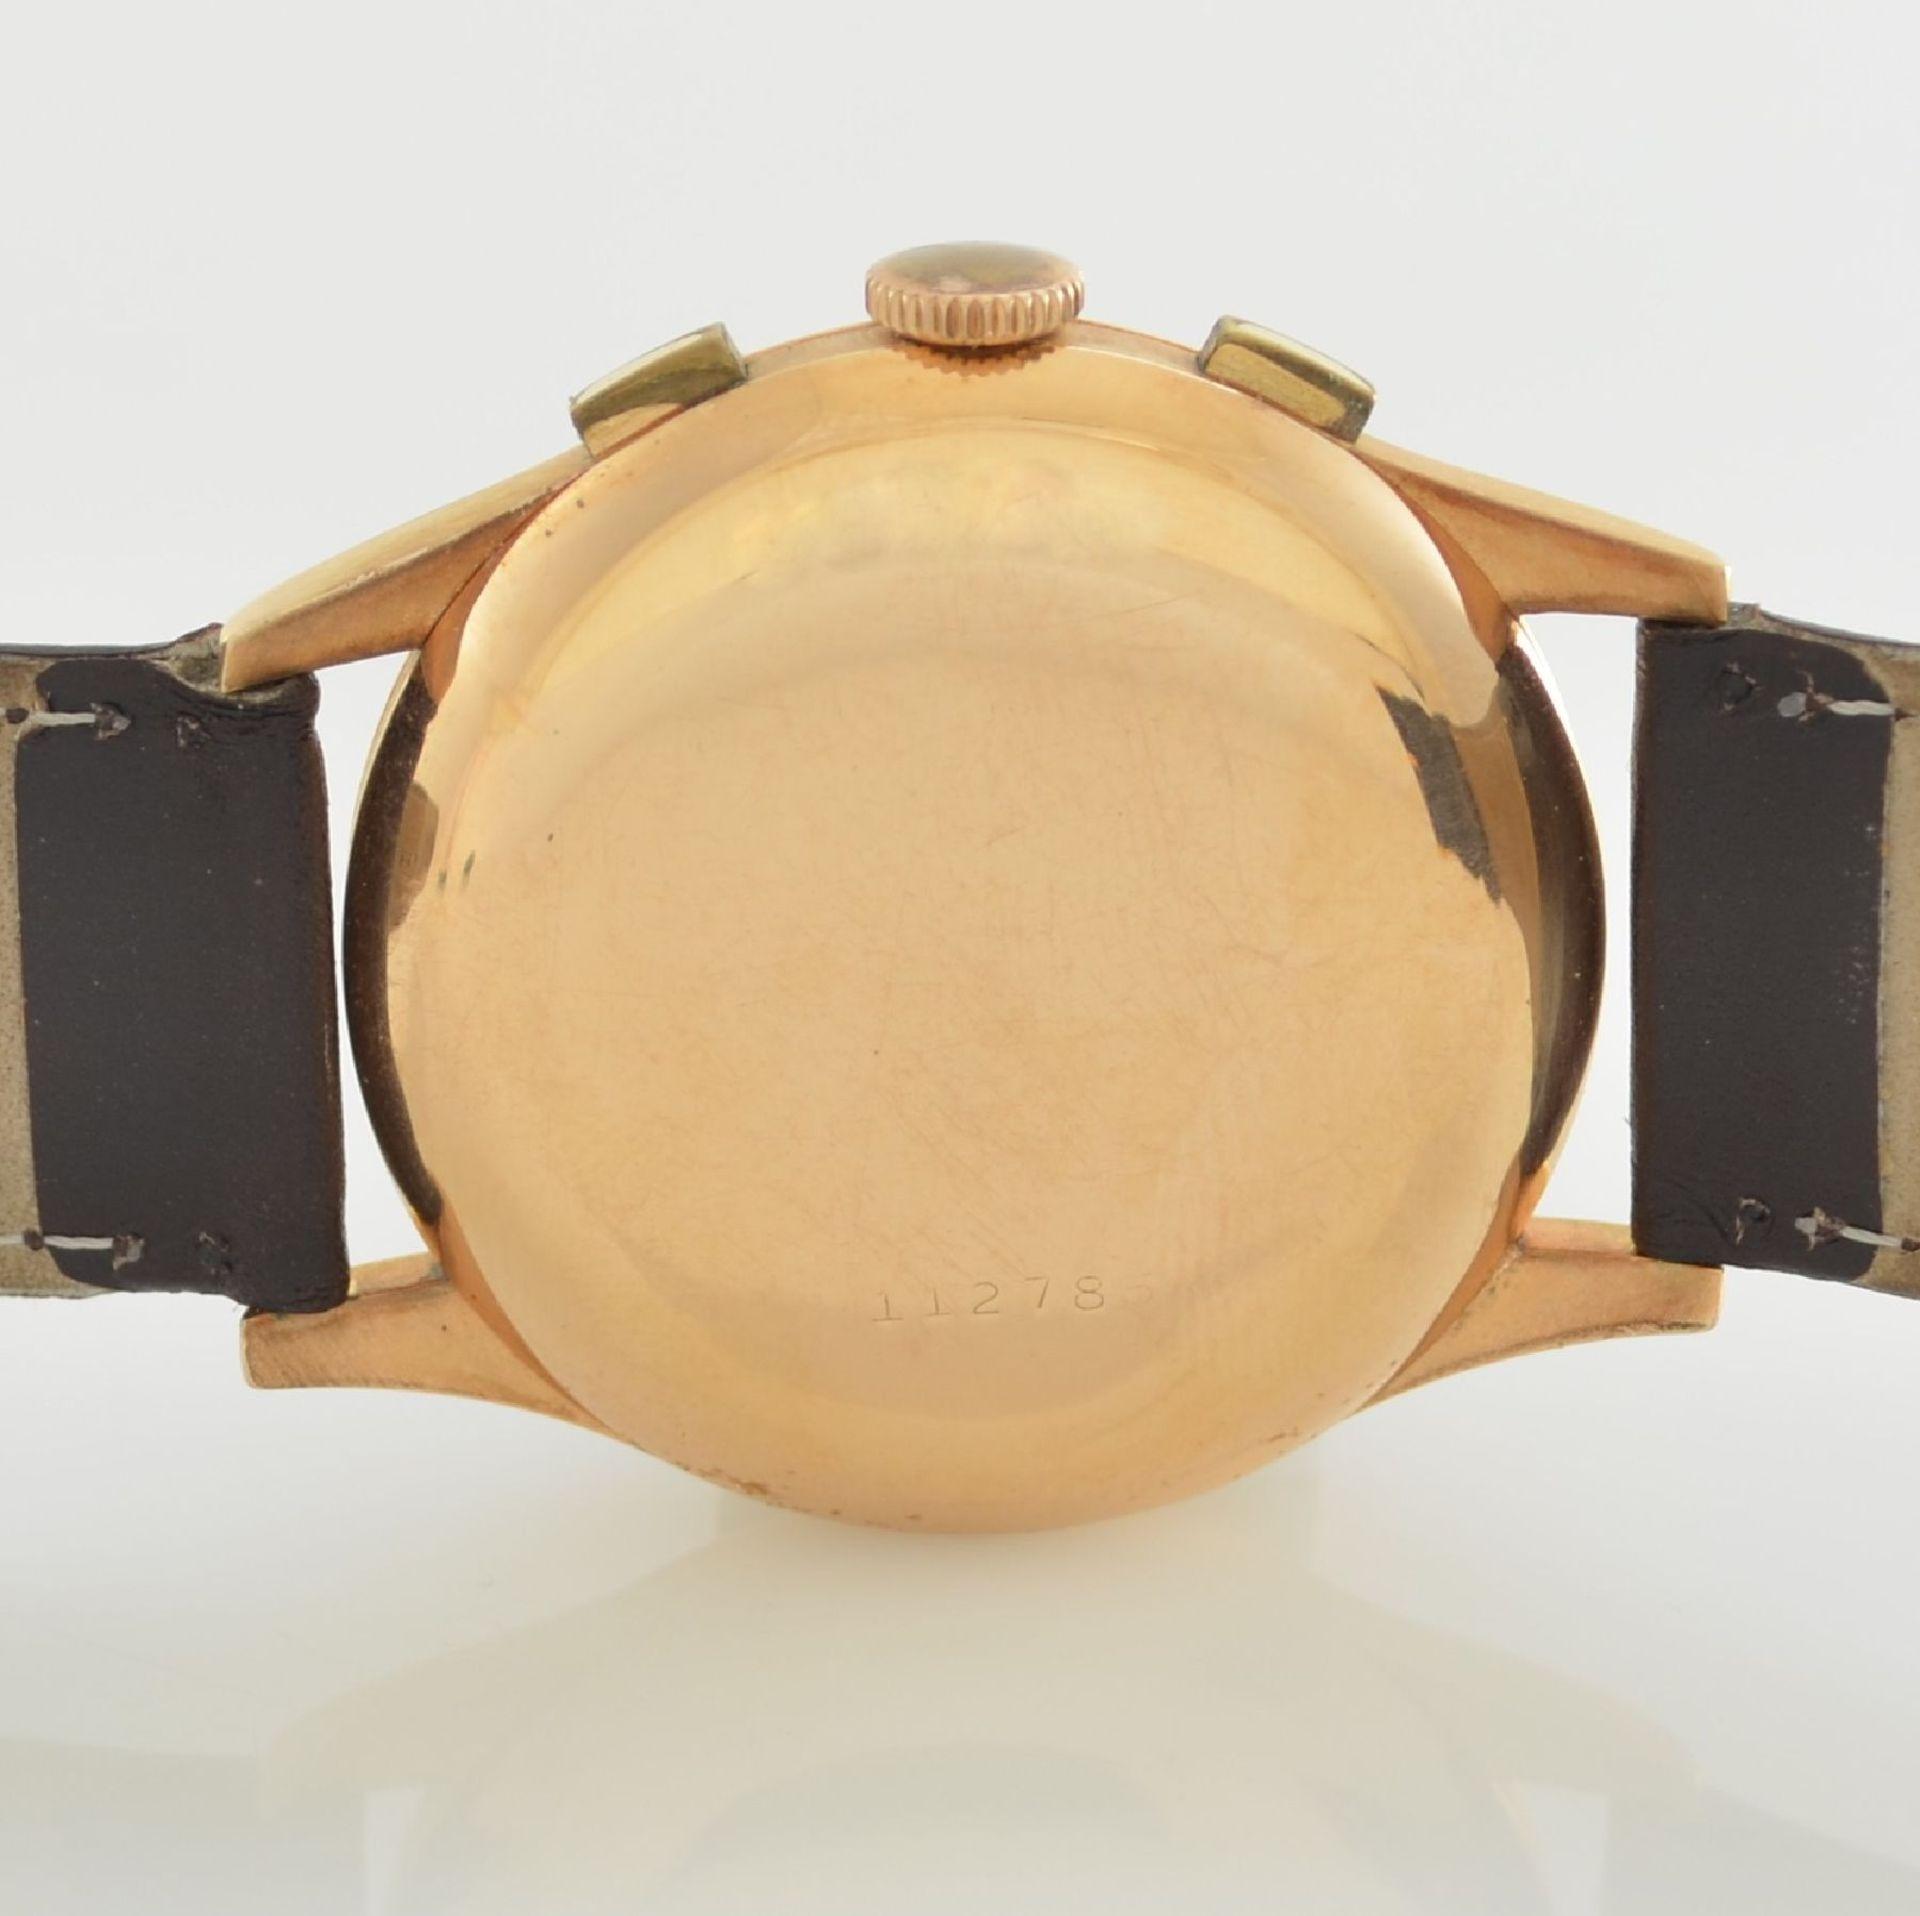 Herrenarmbanduhr mit Chronograph in 750/000 RoseG, Schweiz um 1950, Boden & Glasrand aufgedr., rest. - Bild 6 aus 9